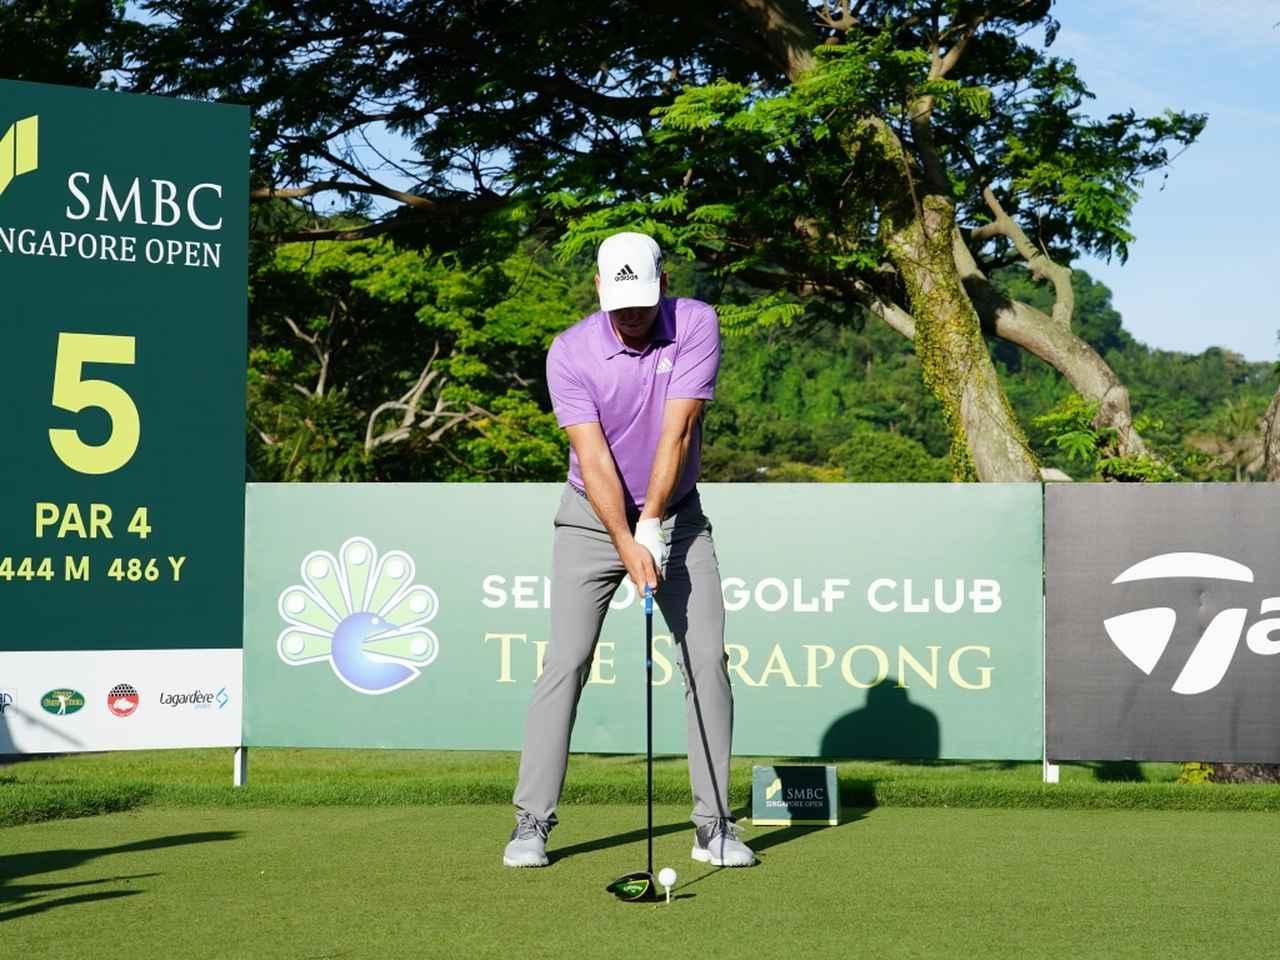 画像27: 【ギア研究】PGAツアートップ選手のレプリカドライバーを組んで打った。「運命のシャフトとヘッド」見つけ方